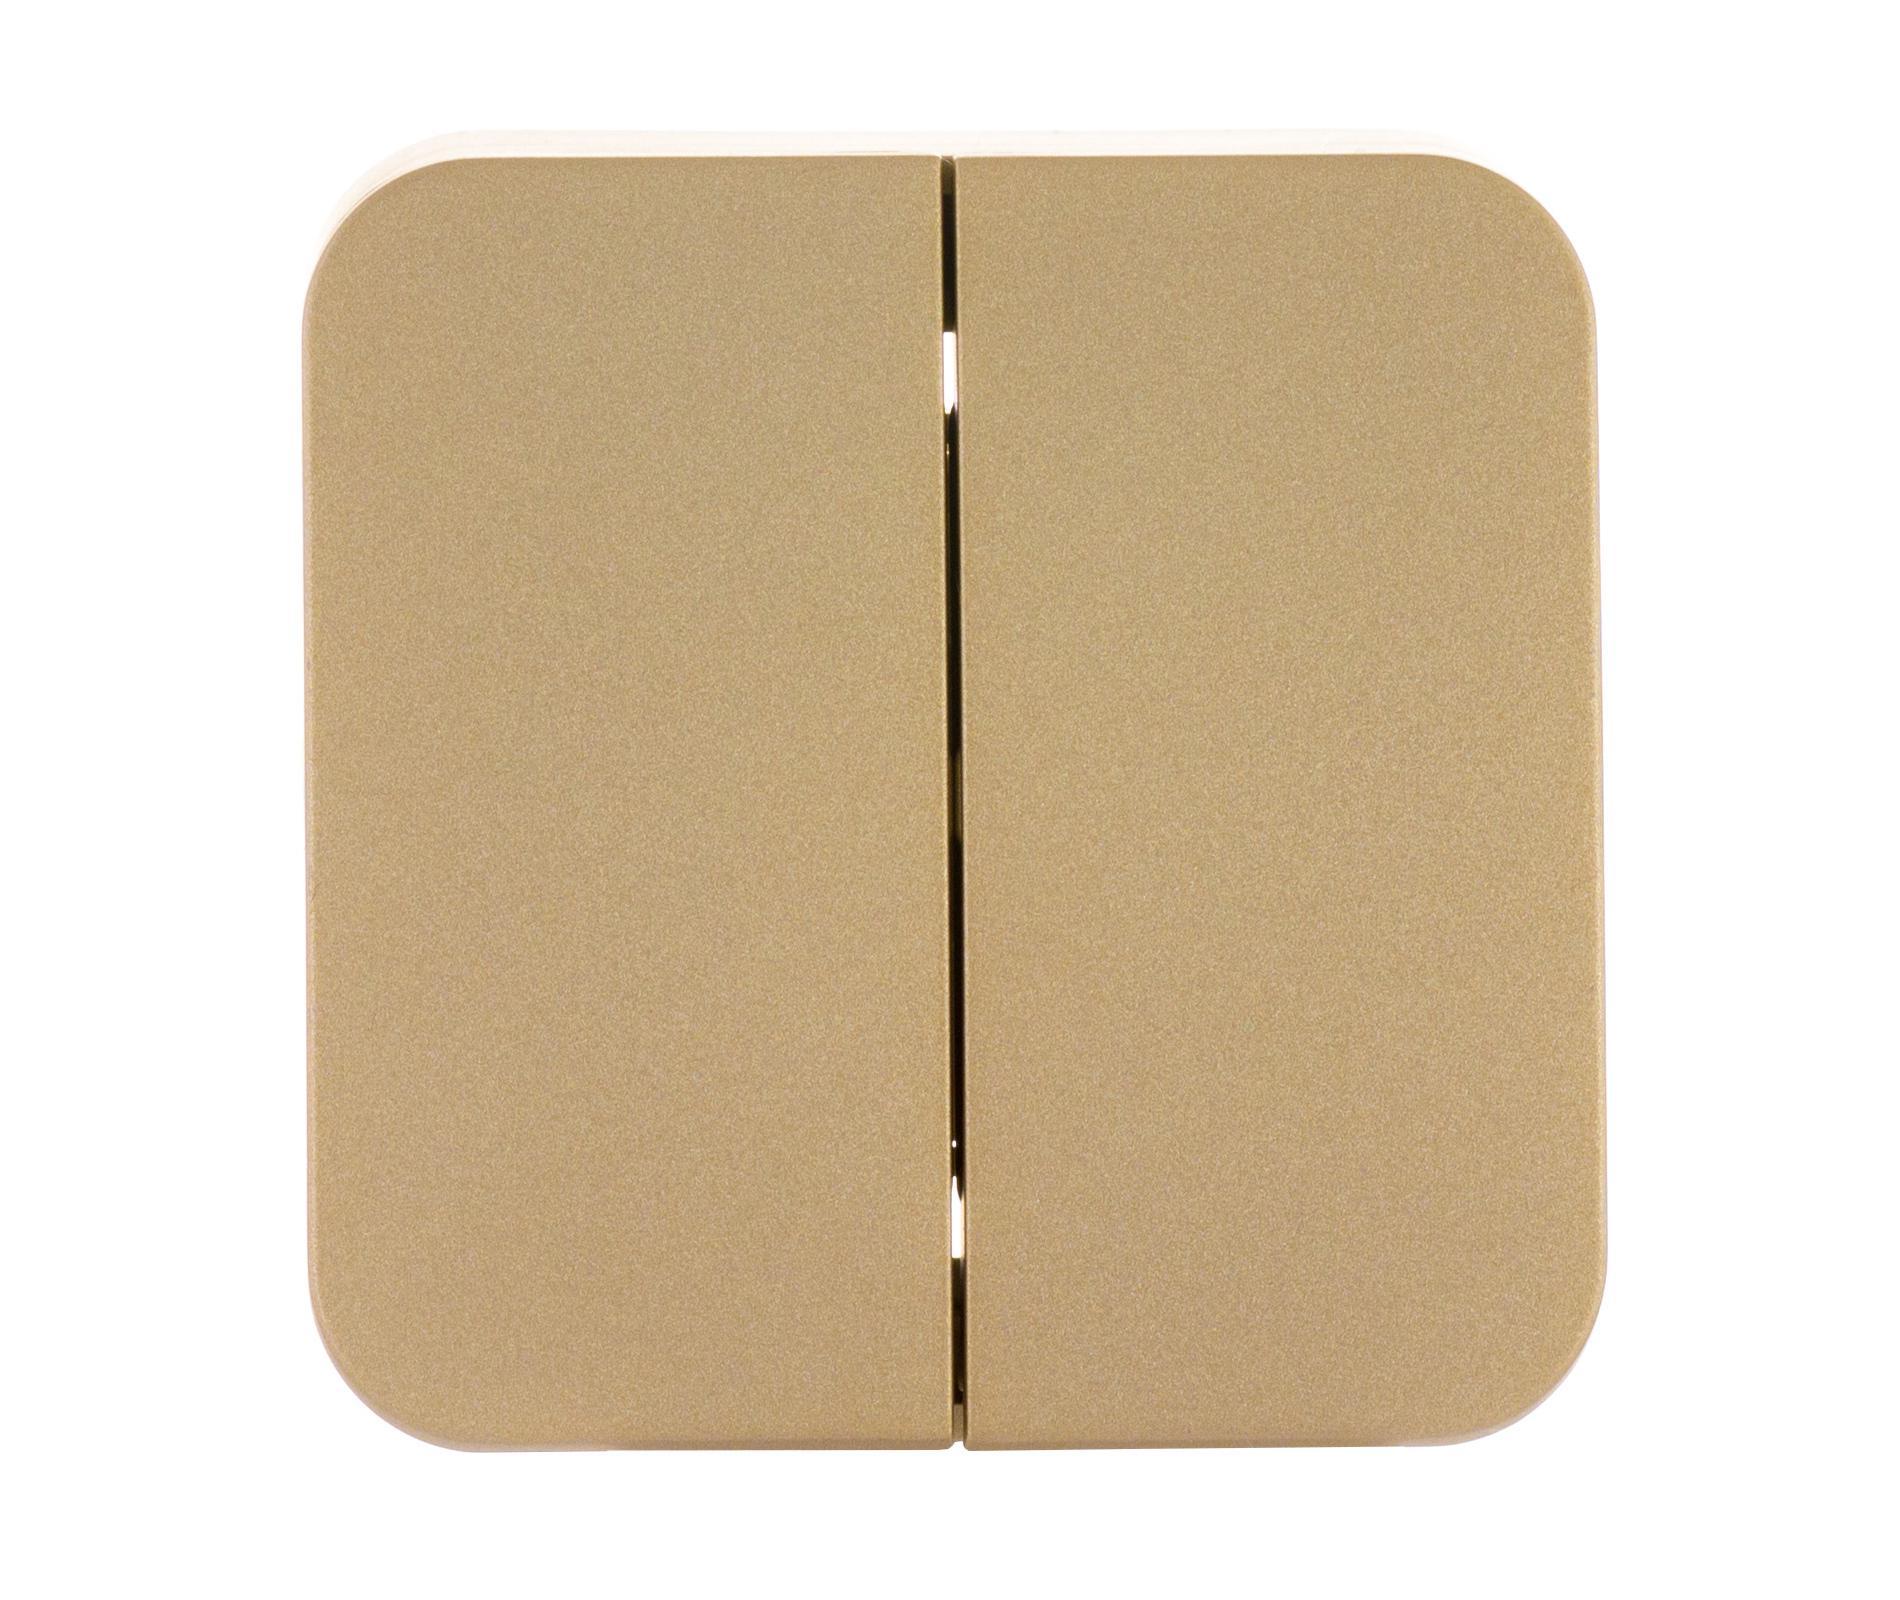 Купить Выключатель Schneider electric Blnva105001 blanca